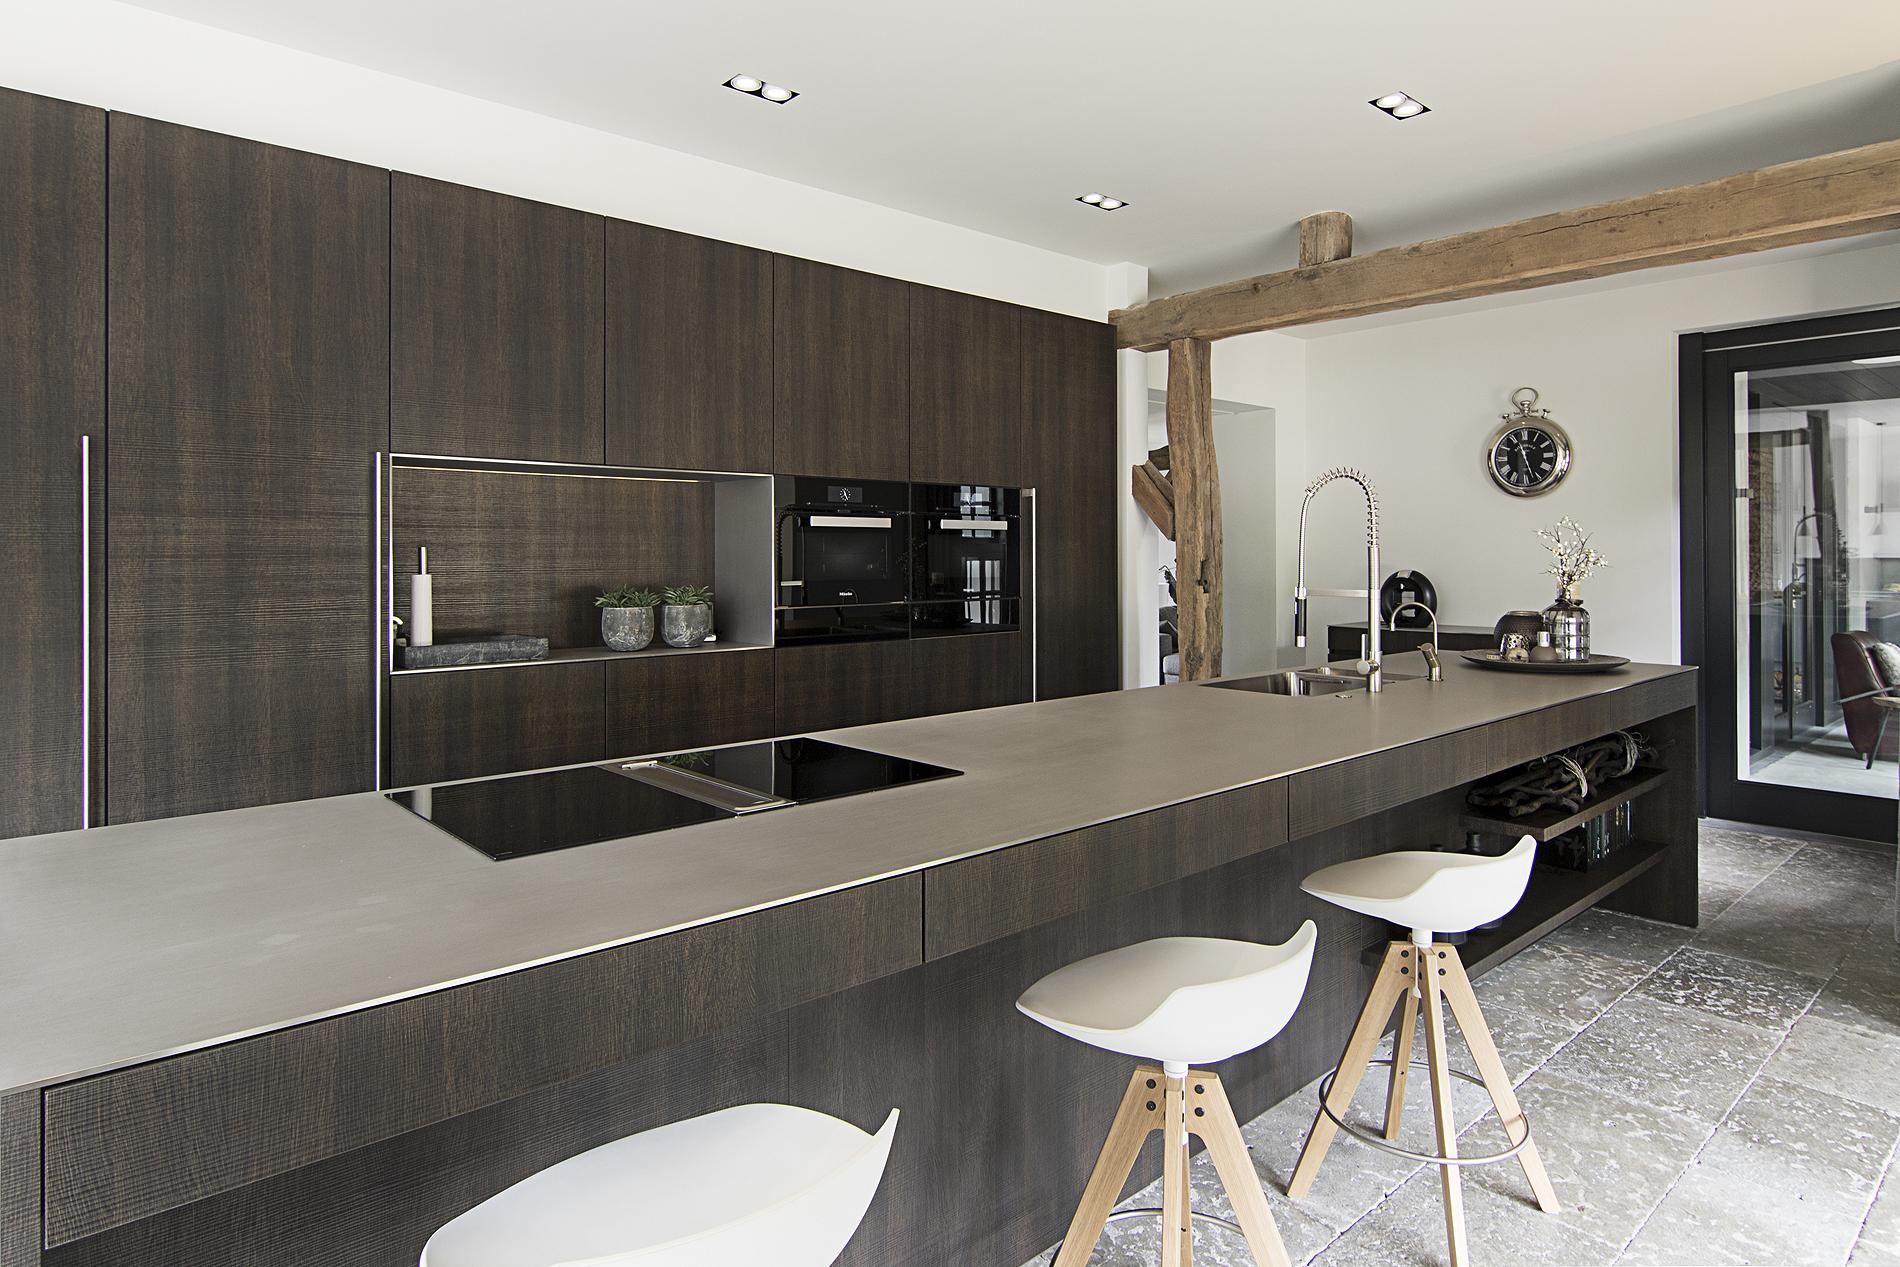 Siematic keukens dordrecht images het nieuwe zand in